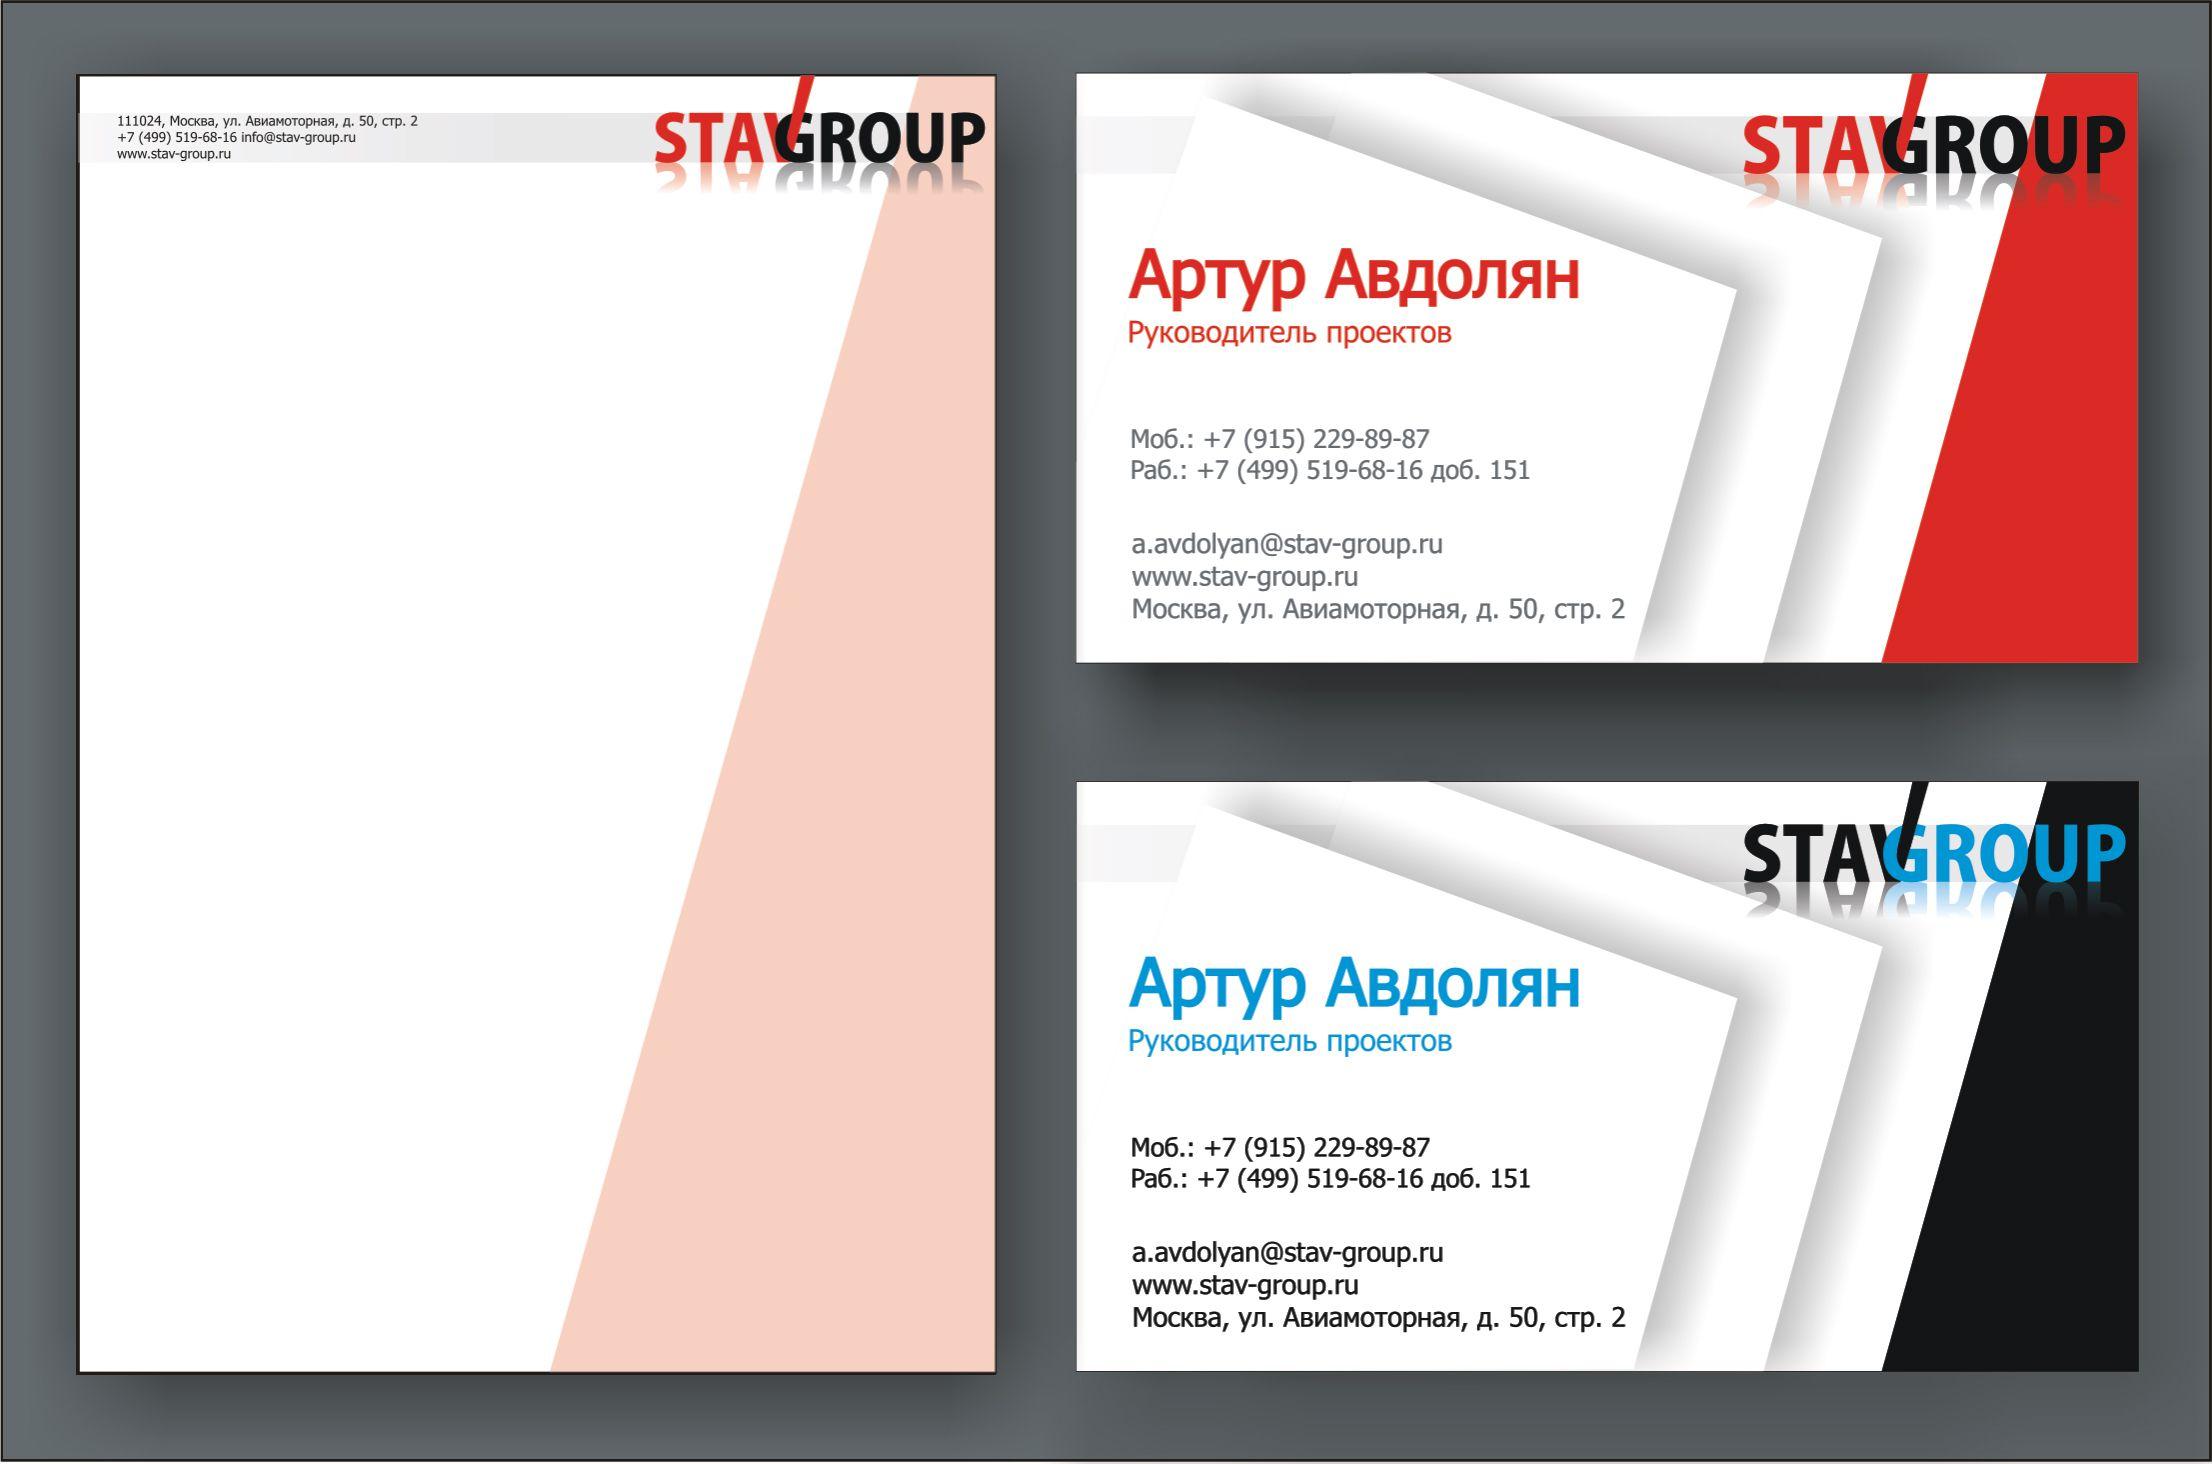 Лого и фирменный стиль для STAVGROUP - дизайнер d1kaya